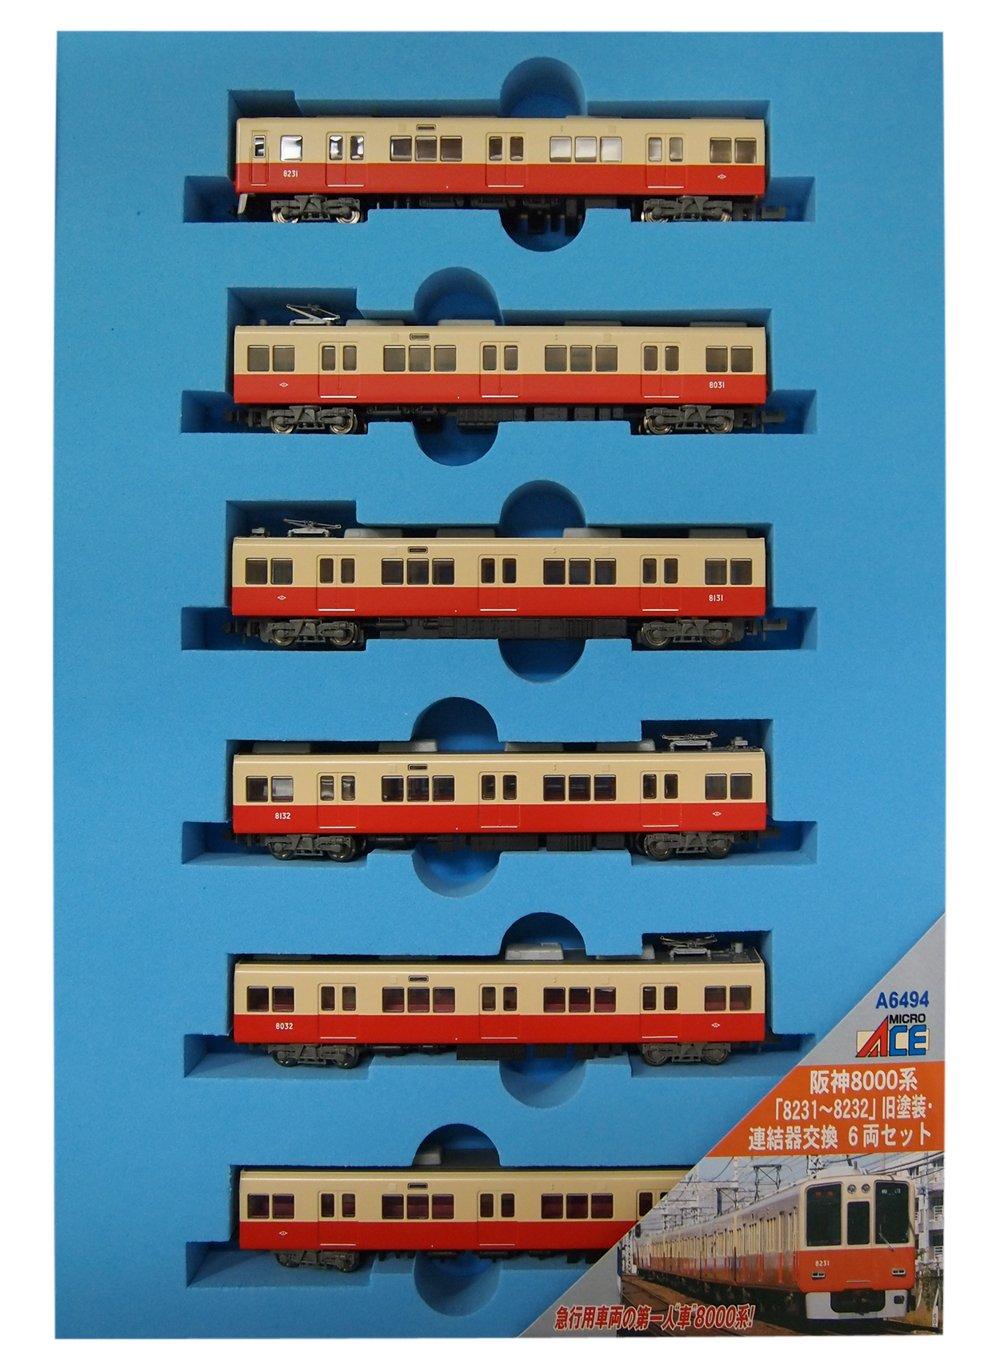 マイクロエース Nゲージ 阪神8000系 「8231~8232」 旧塗装連結器交換 6両セット A6494 鉄道模型 電車 B0083R8KU4